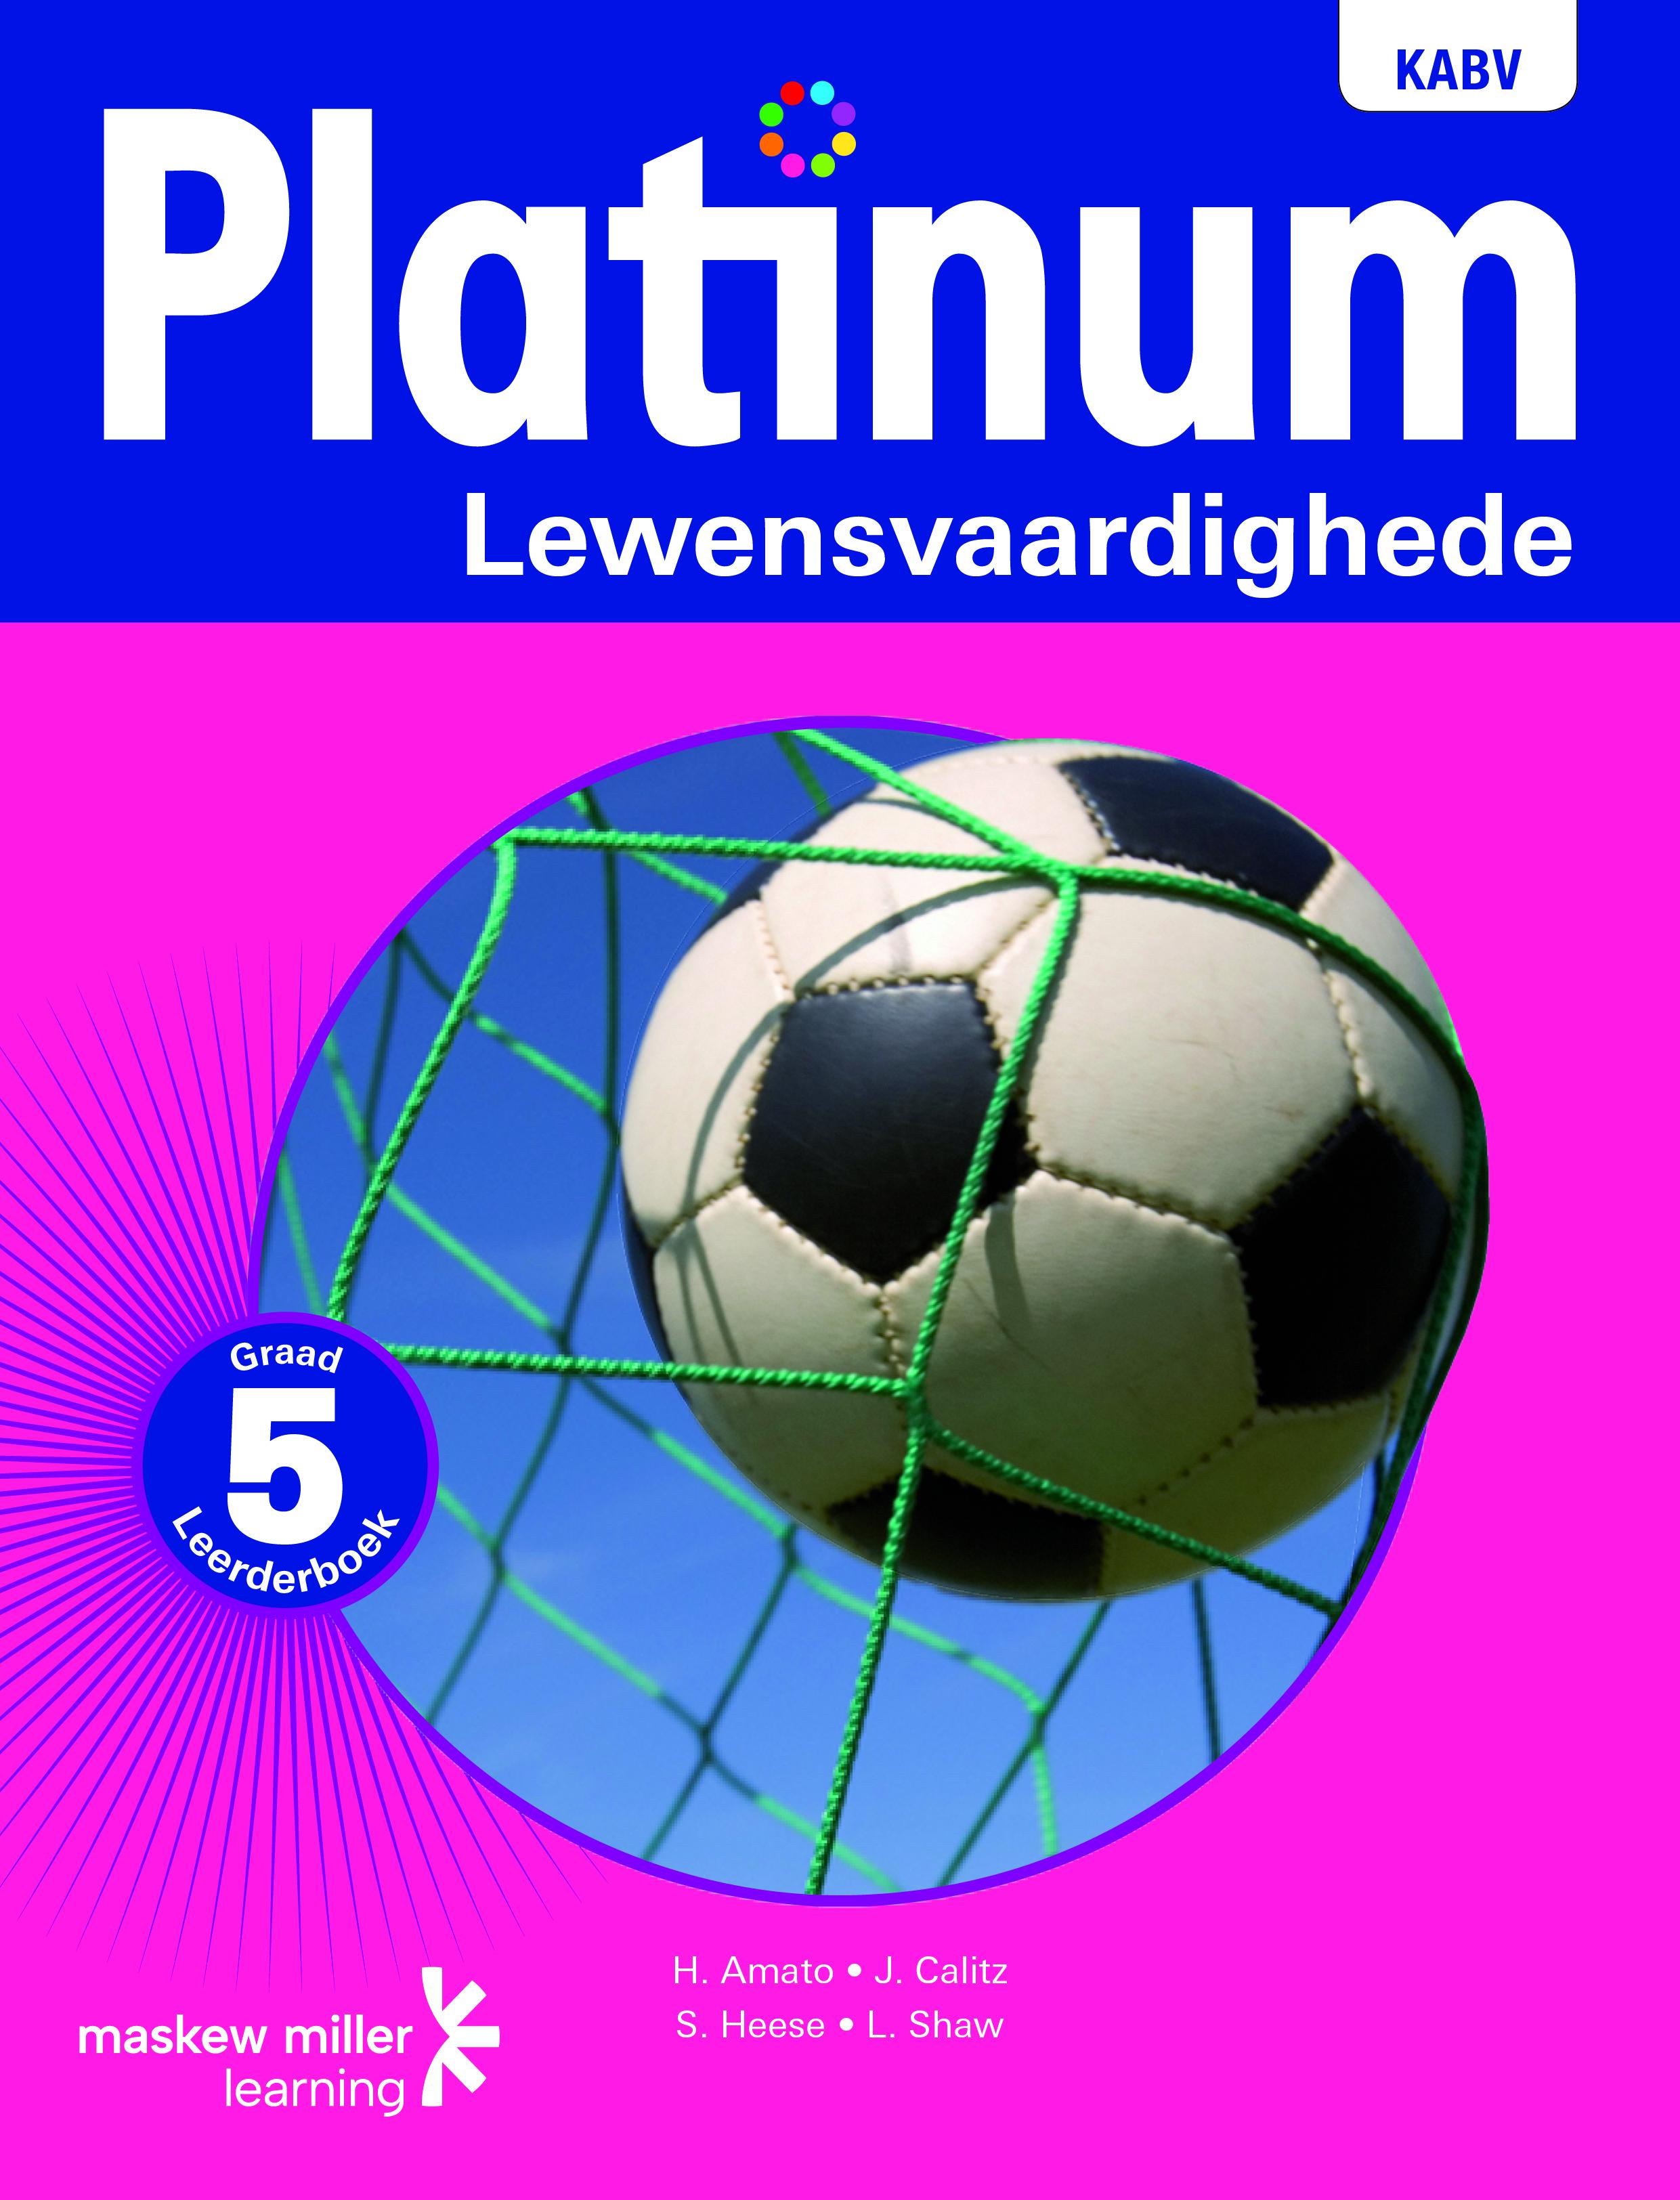 Picture of Platinum lewensvaardighede NKABV